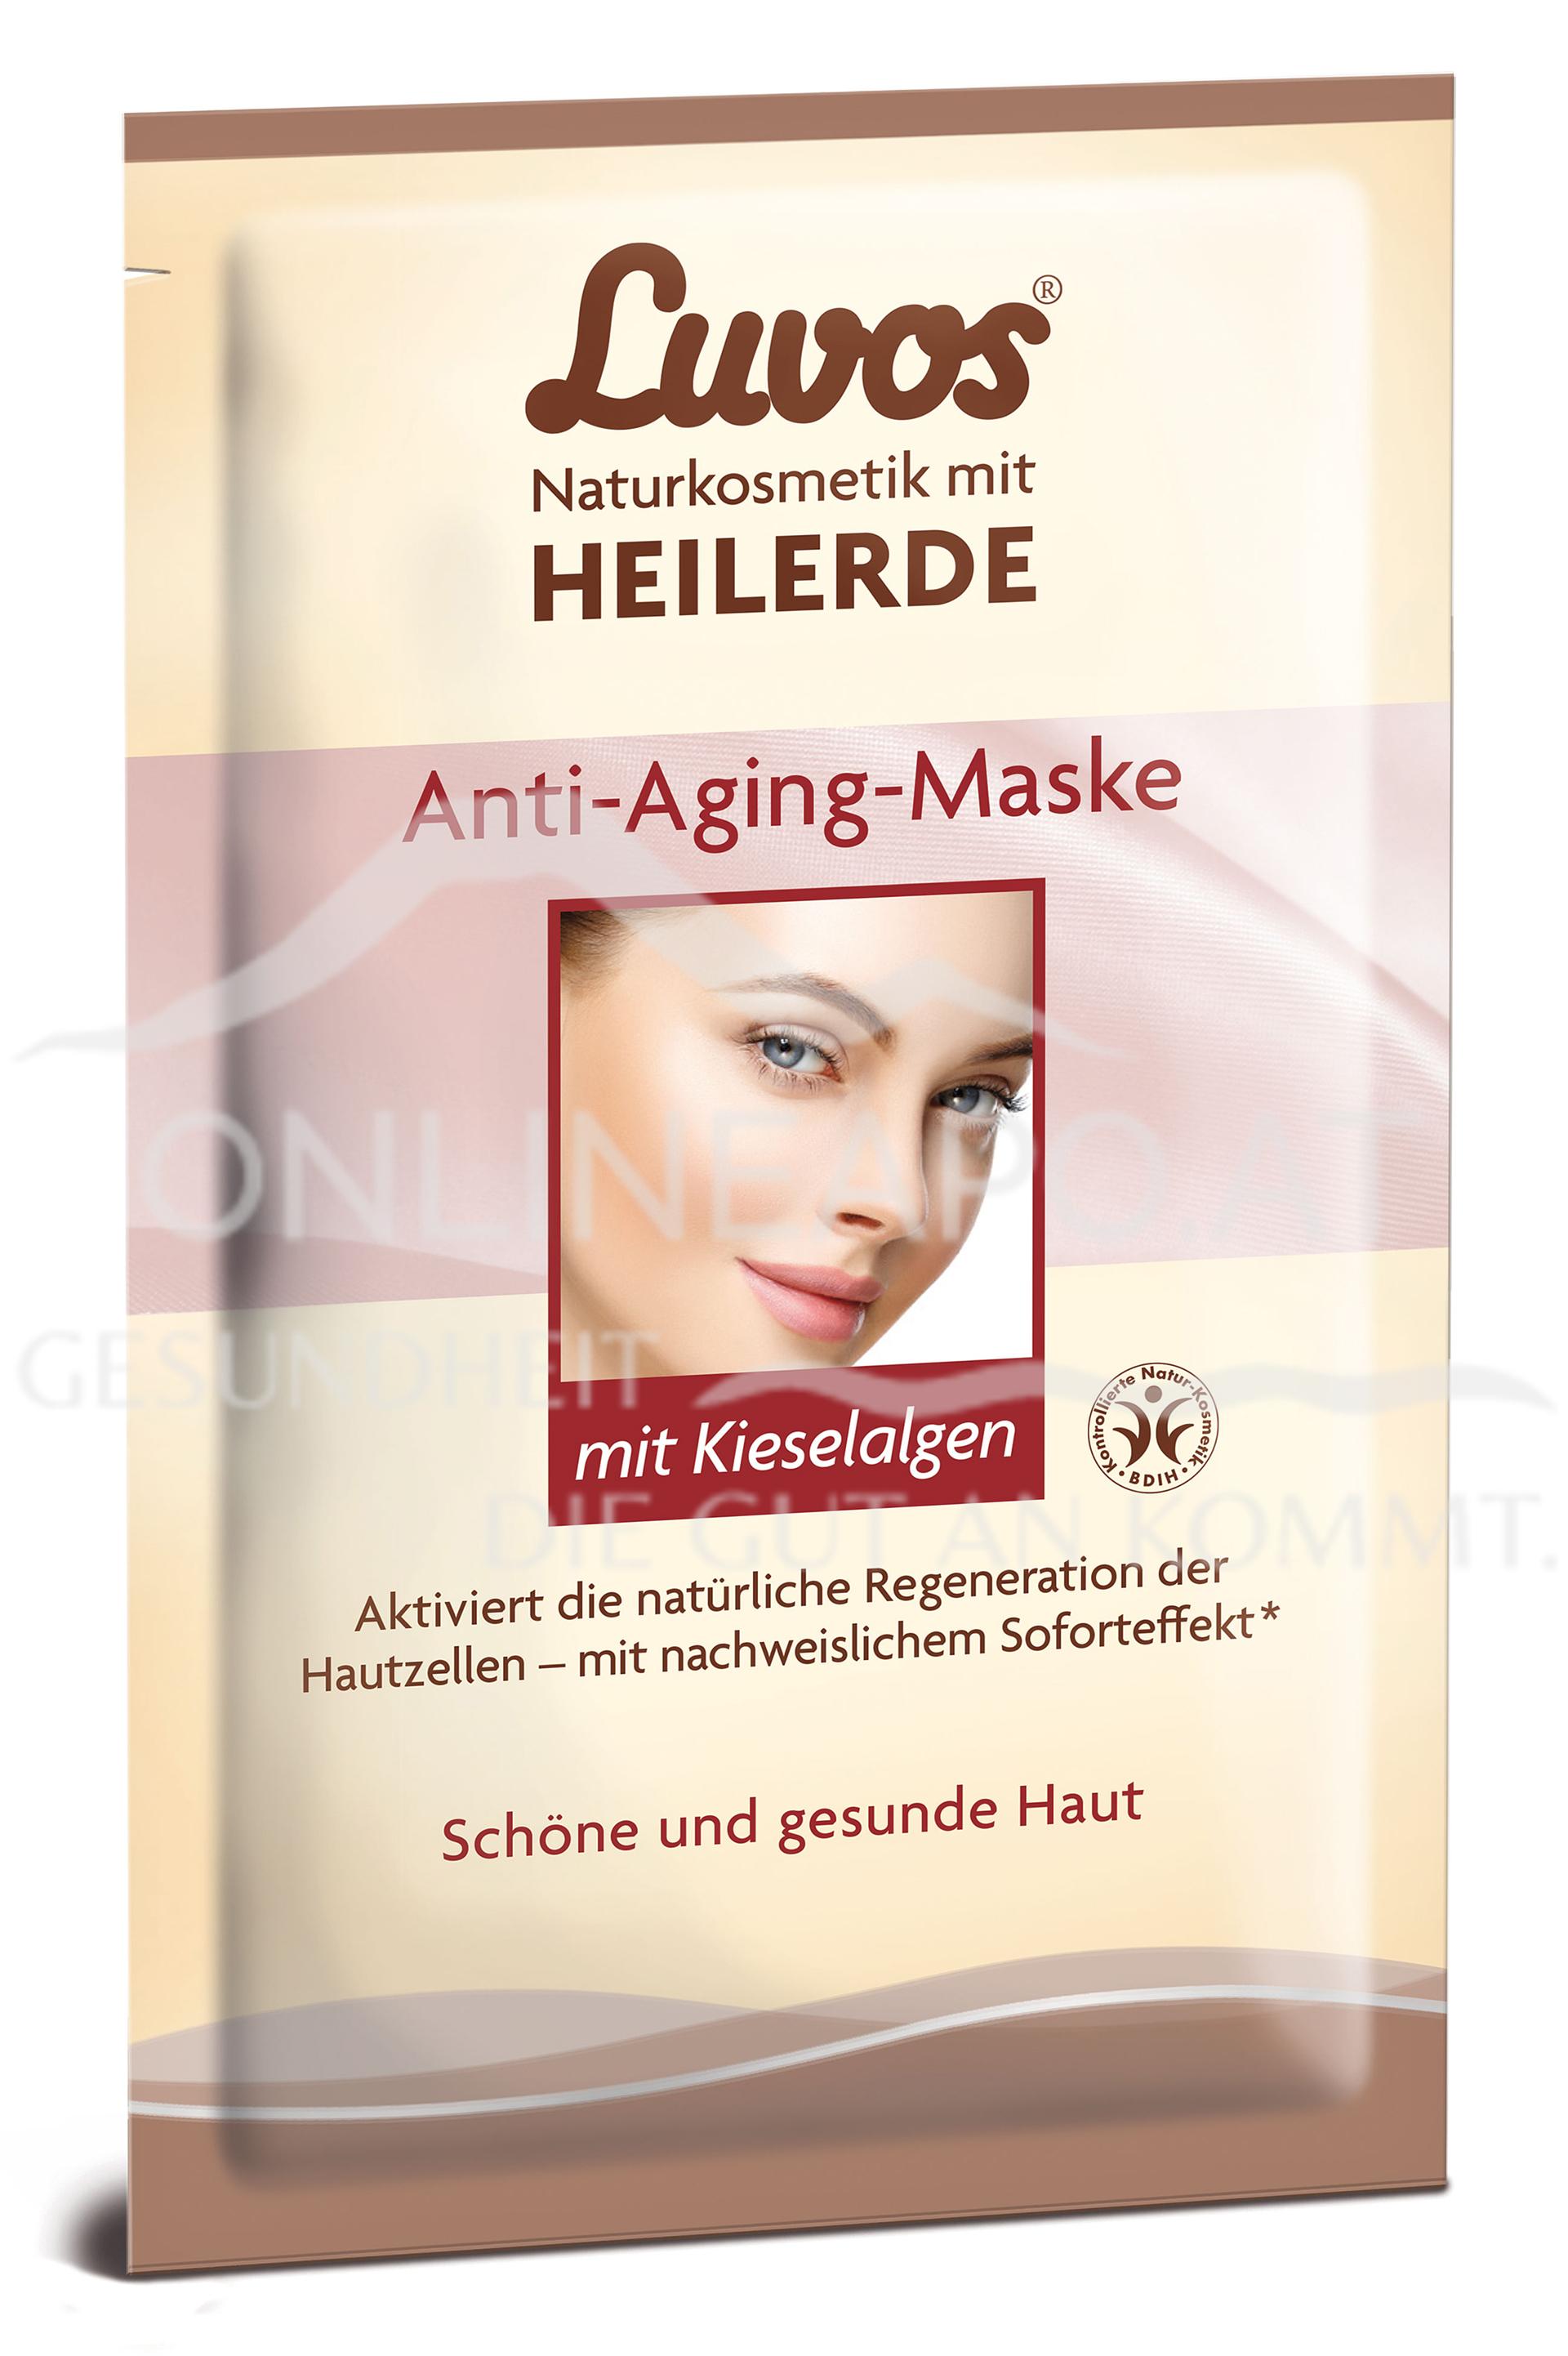 Luvos Heilerde Gesichtsmaske Anti-Aging